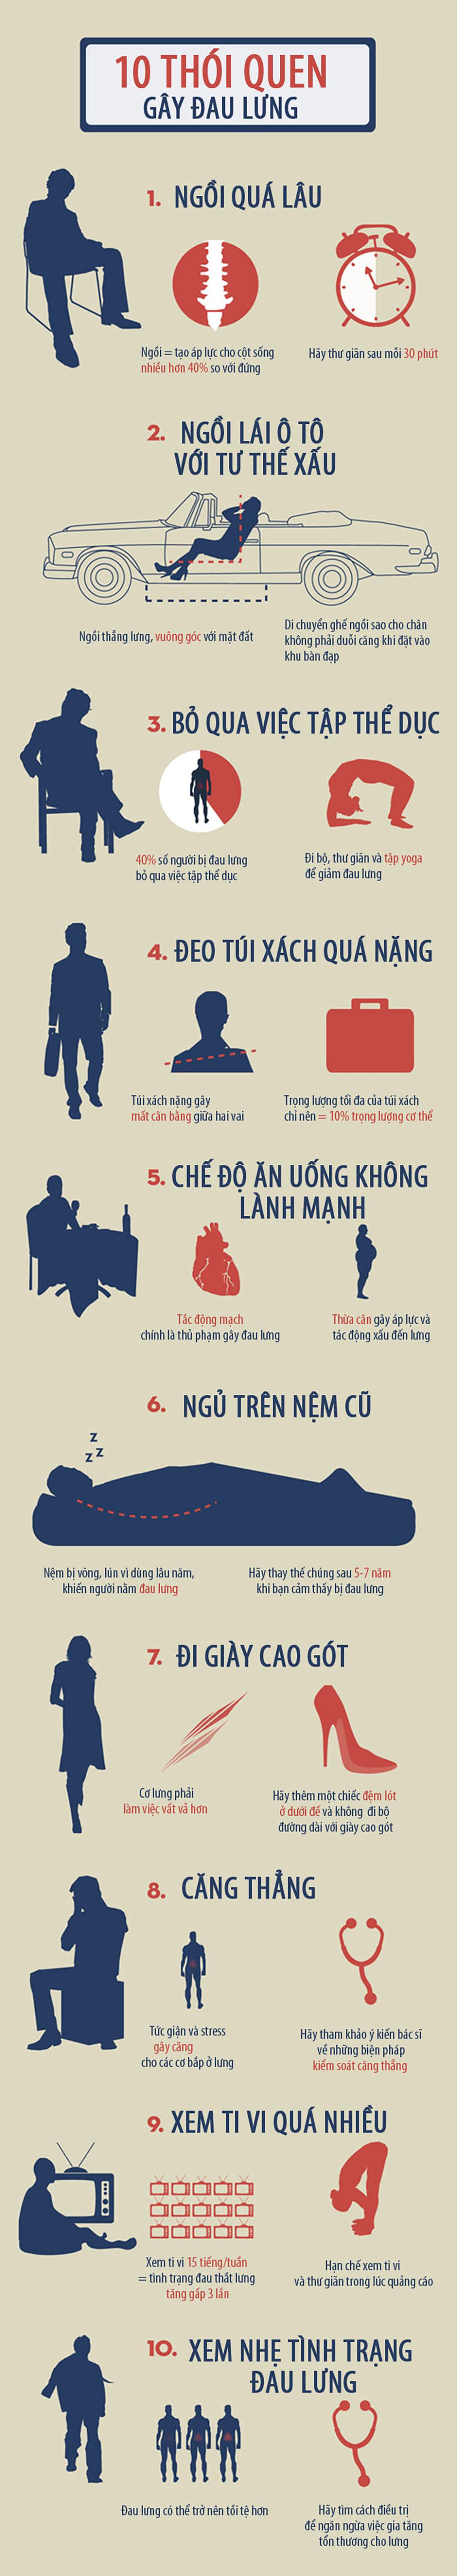 10 thói quen xấu gây đau lưng, bạn cần lưu ý - Phòng Khám Đa Khoa Quốc Tế Sài Gòn